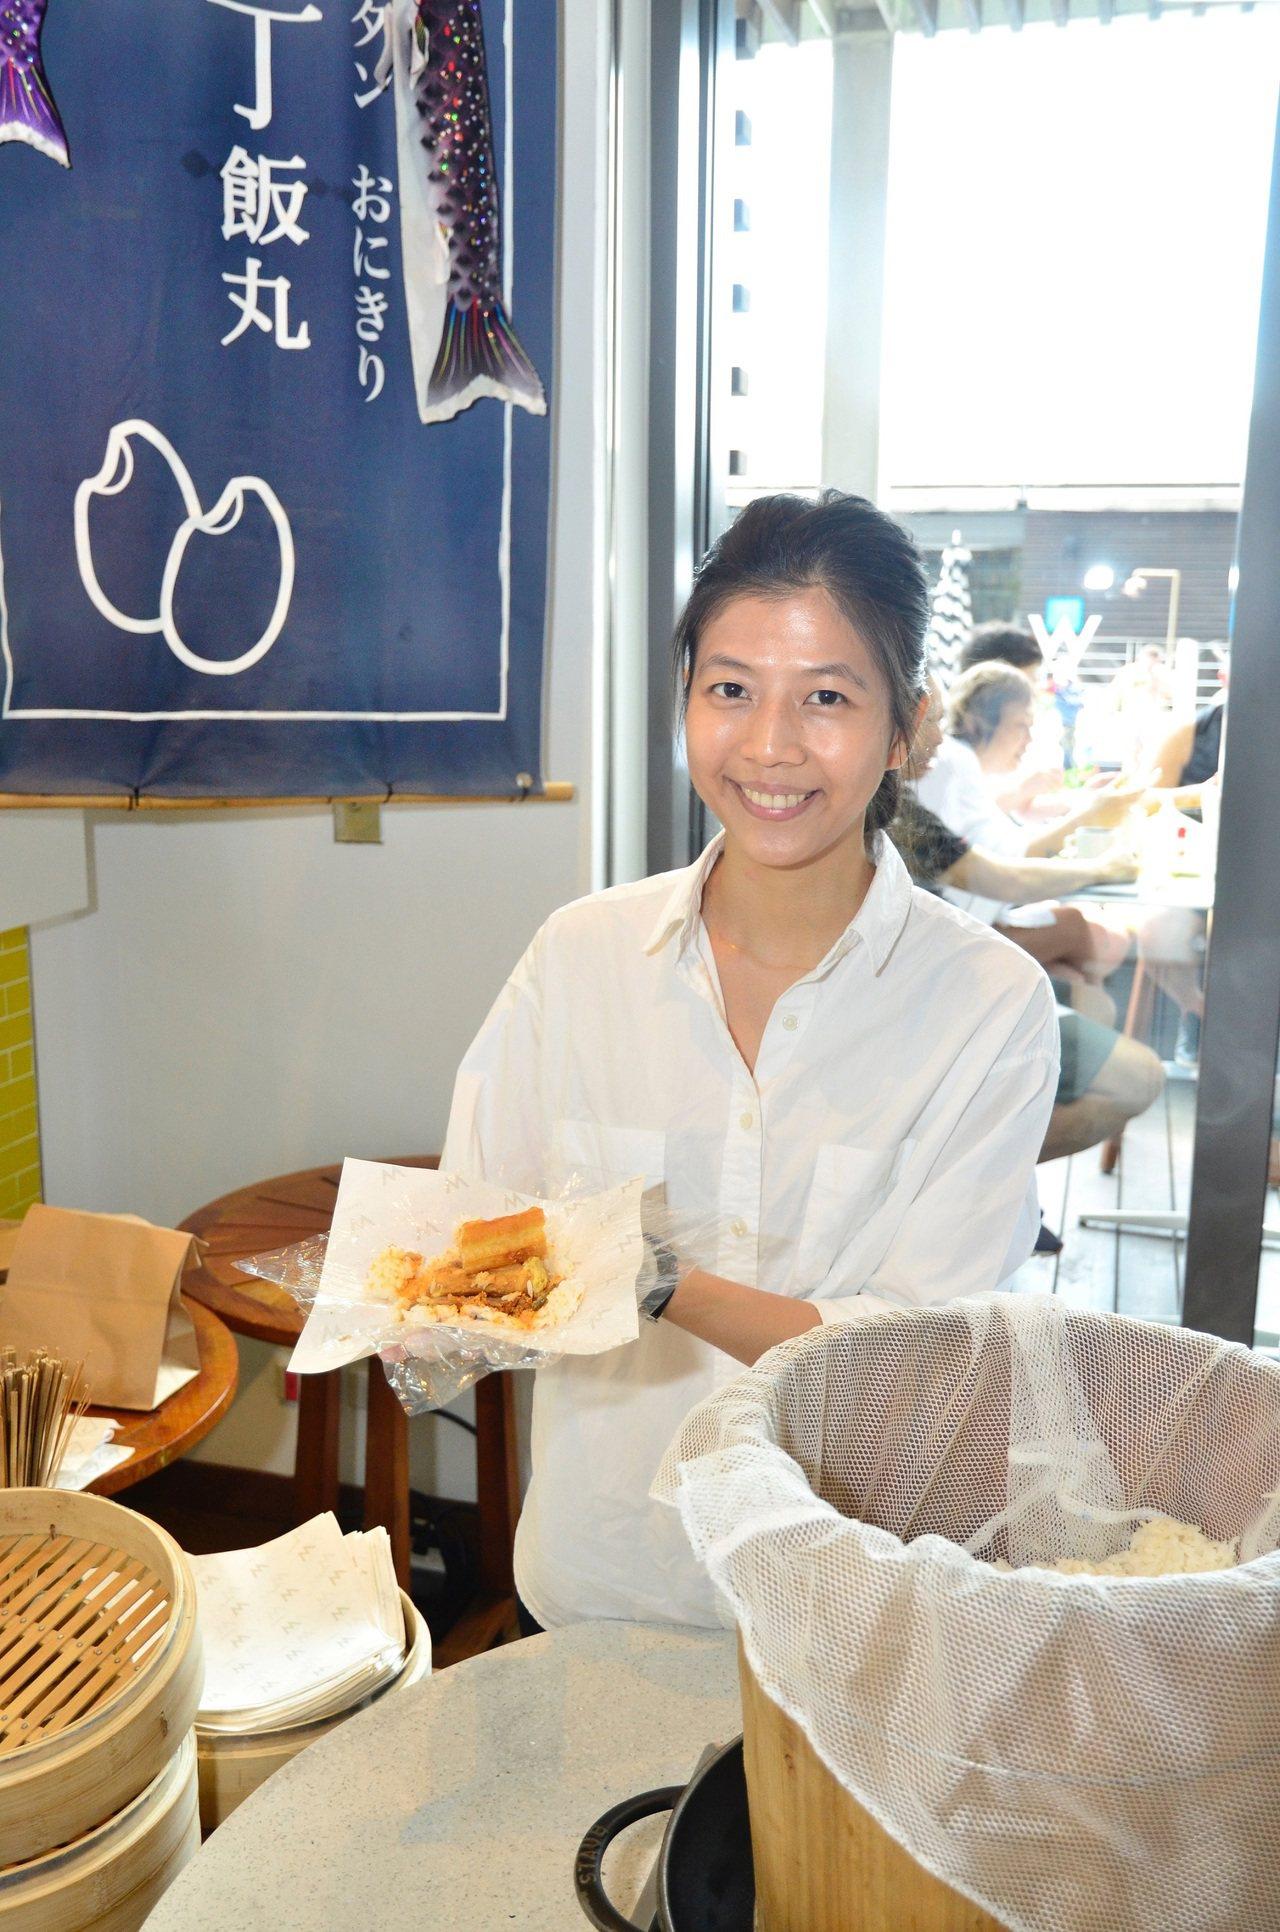 台中美女文青飯糰老闆娘丁丁。圖/台北W飯店提供